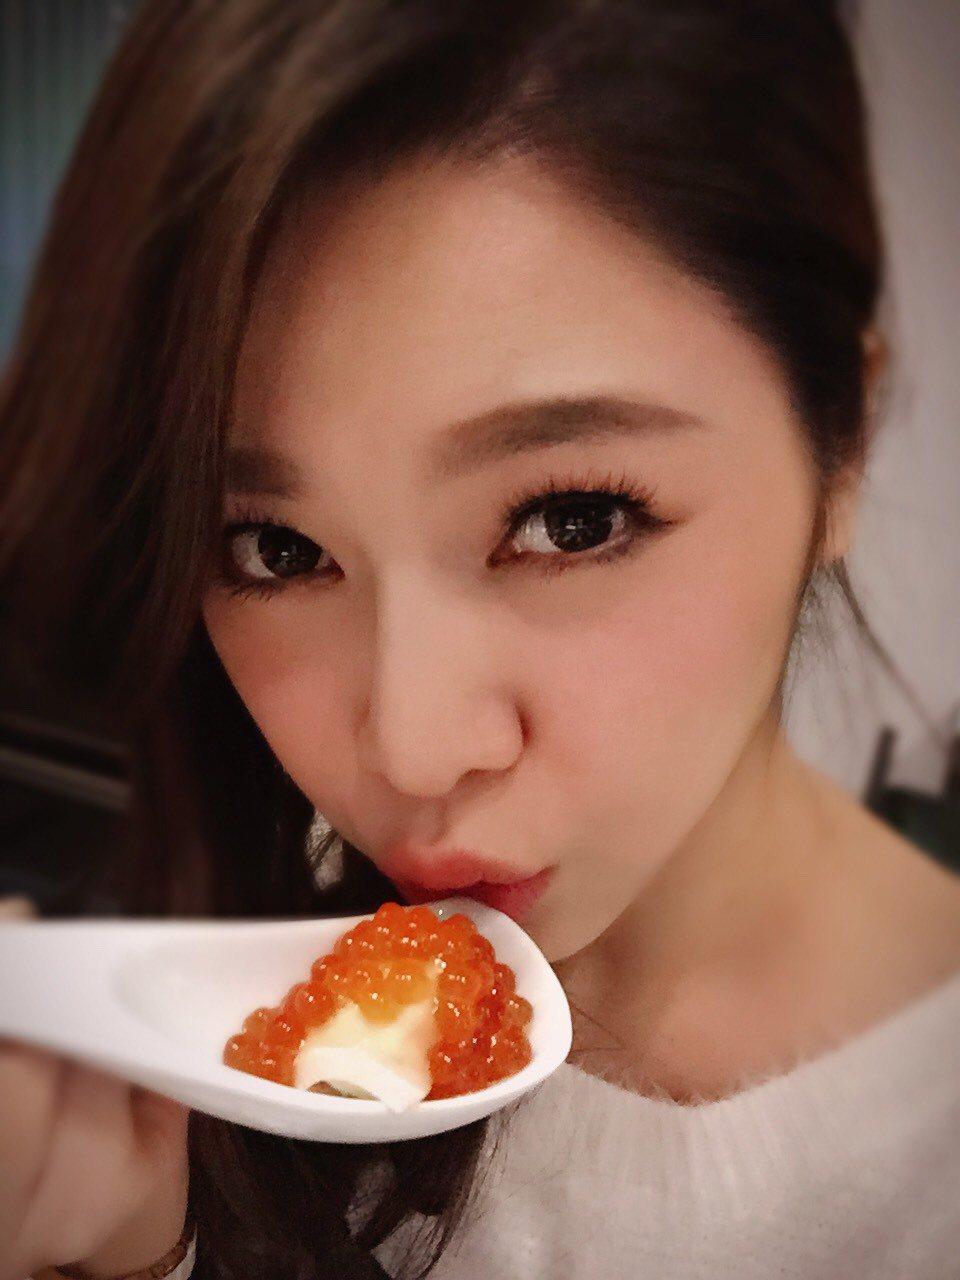 白家綺最喜歡的異國美食是日本料理 圖/台灣觀光協會 提供